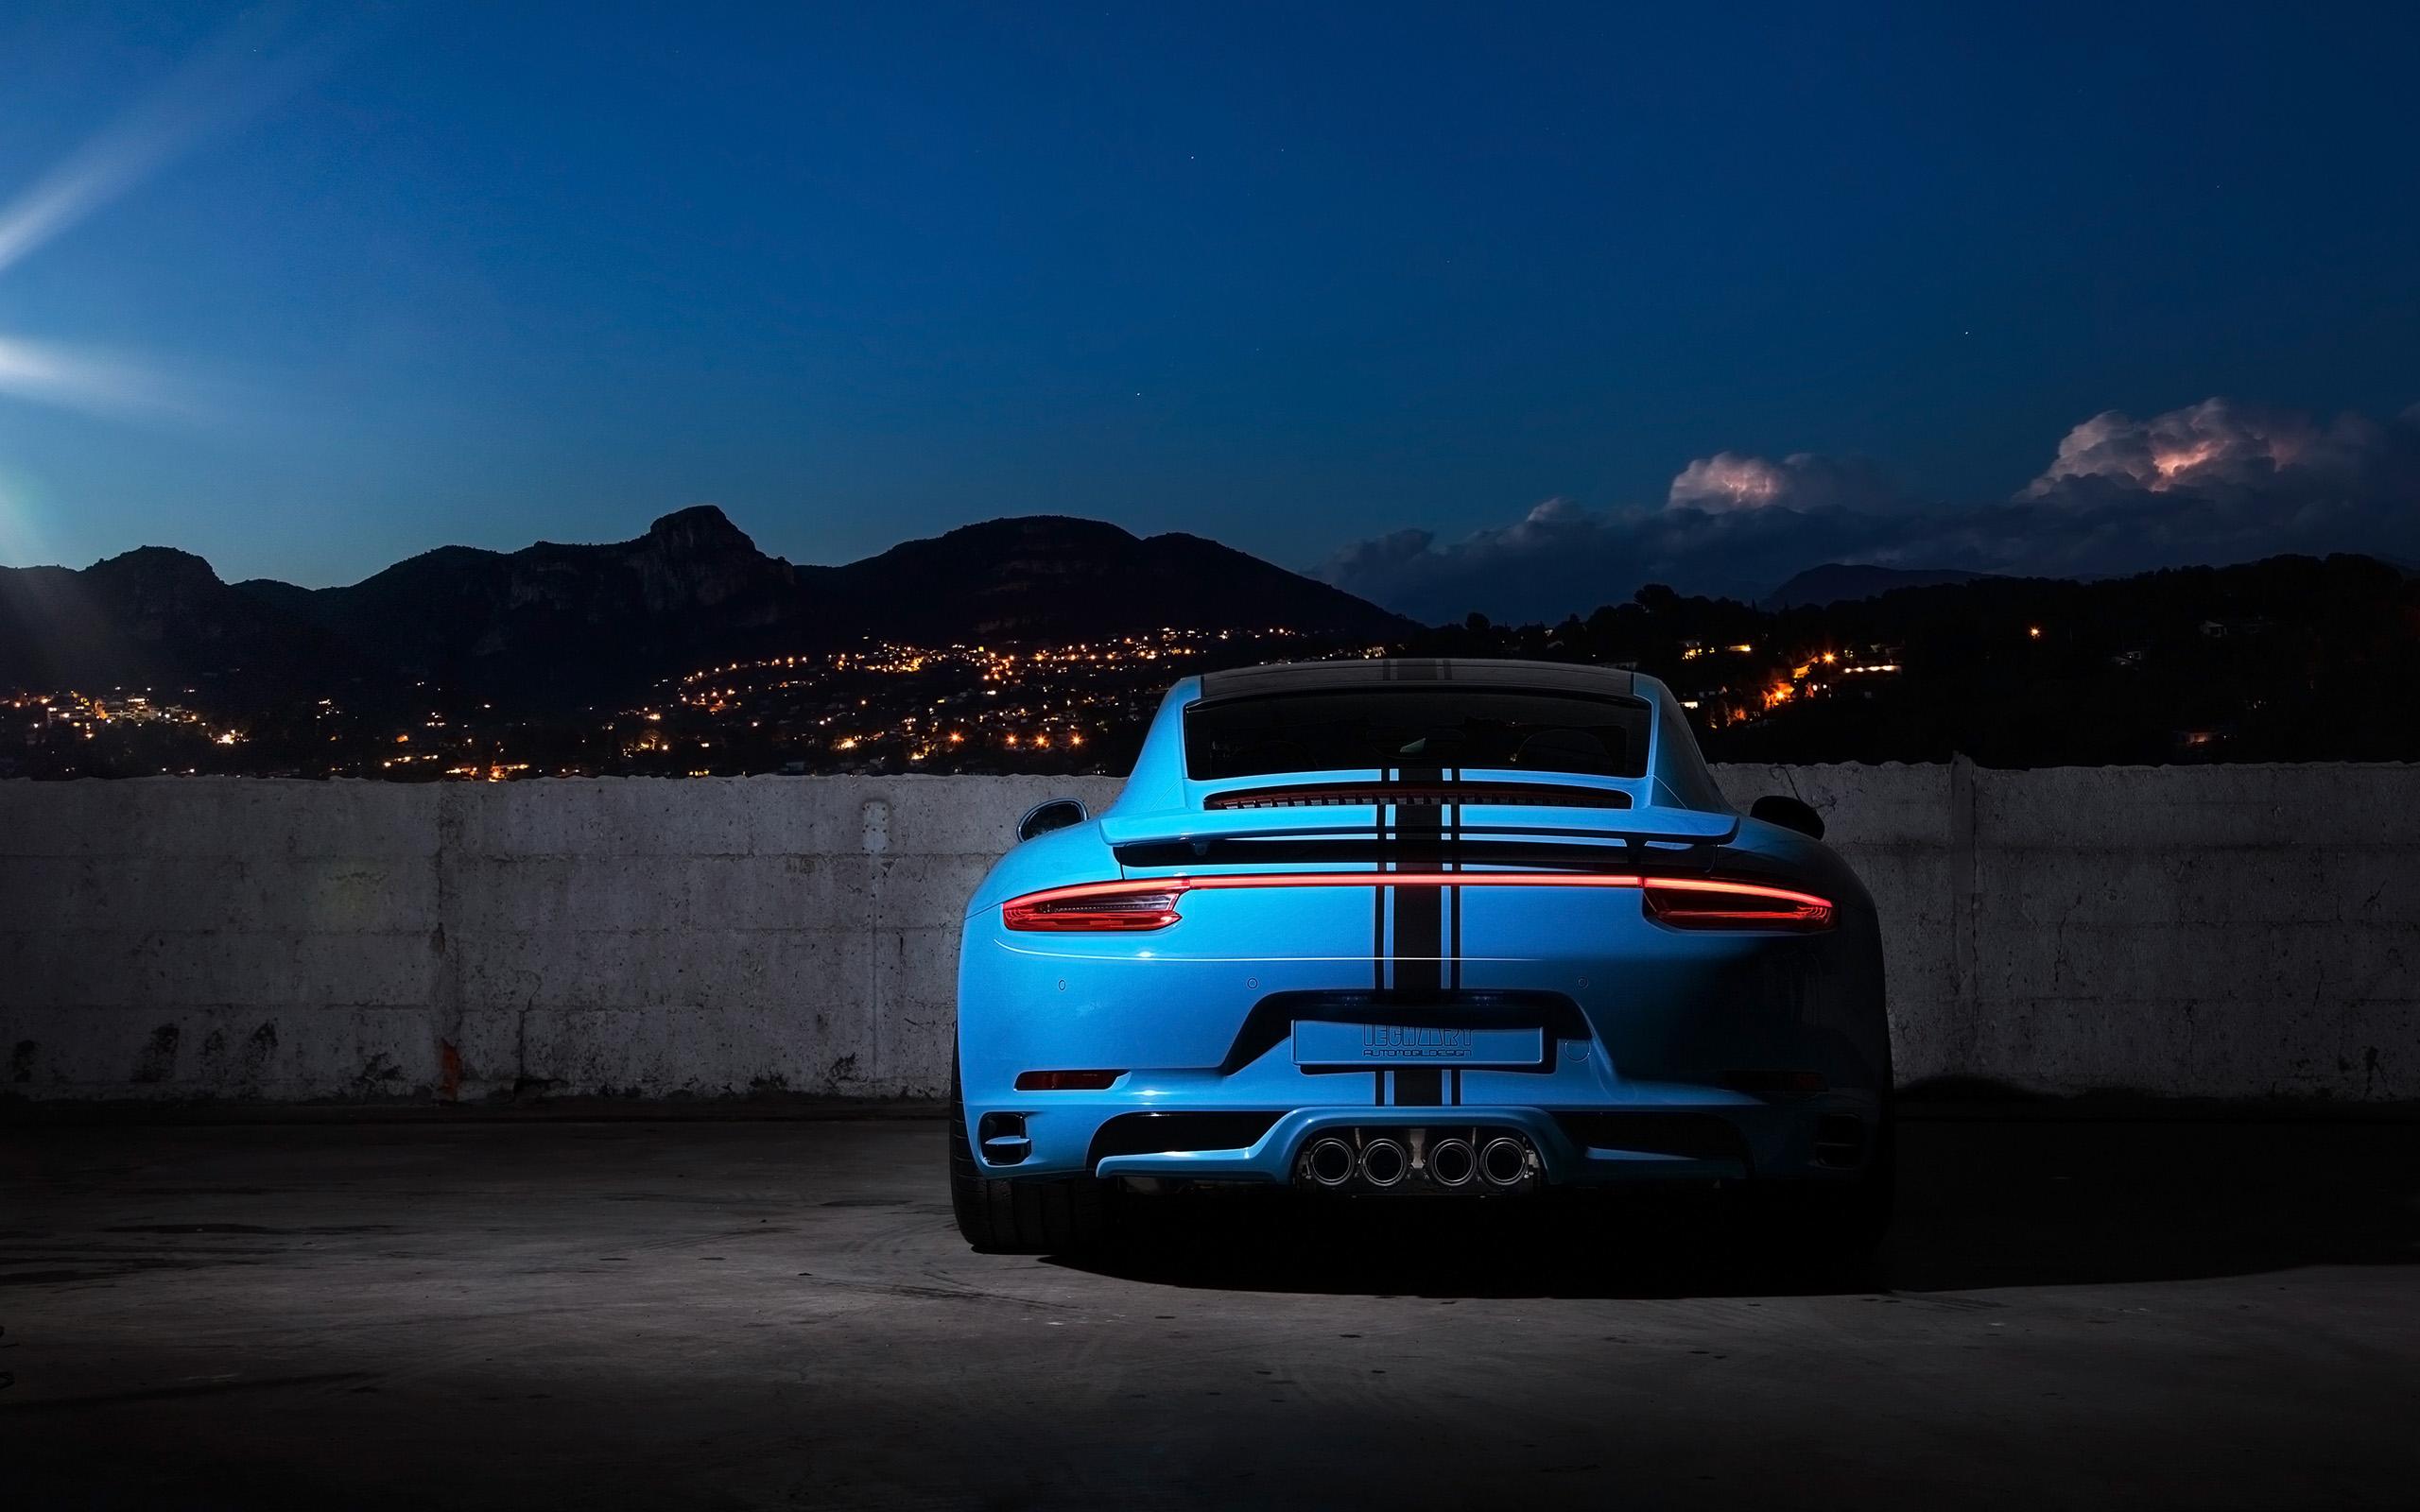 Porsche Macan Wallpaper Iphone 2016 Techart Porsche 911 Coupe 2 Wallpaper Hd Car